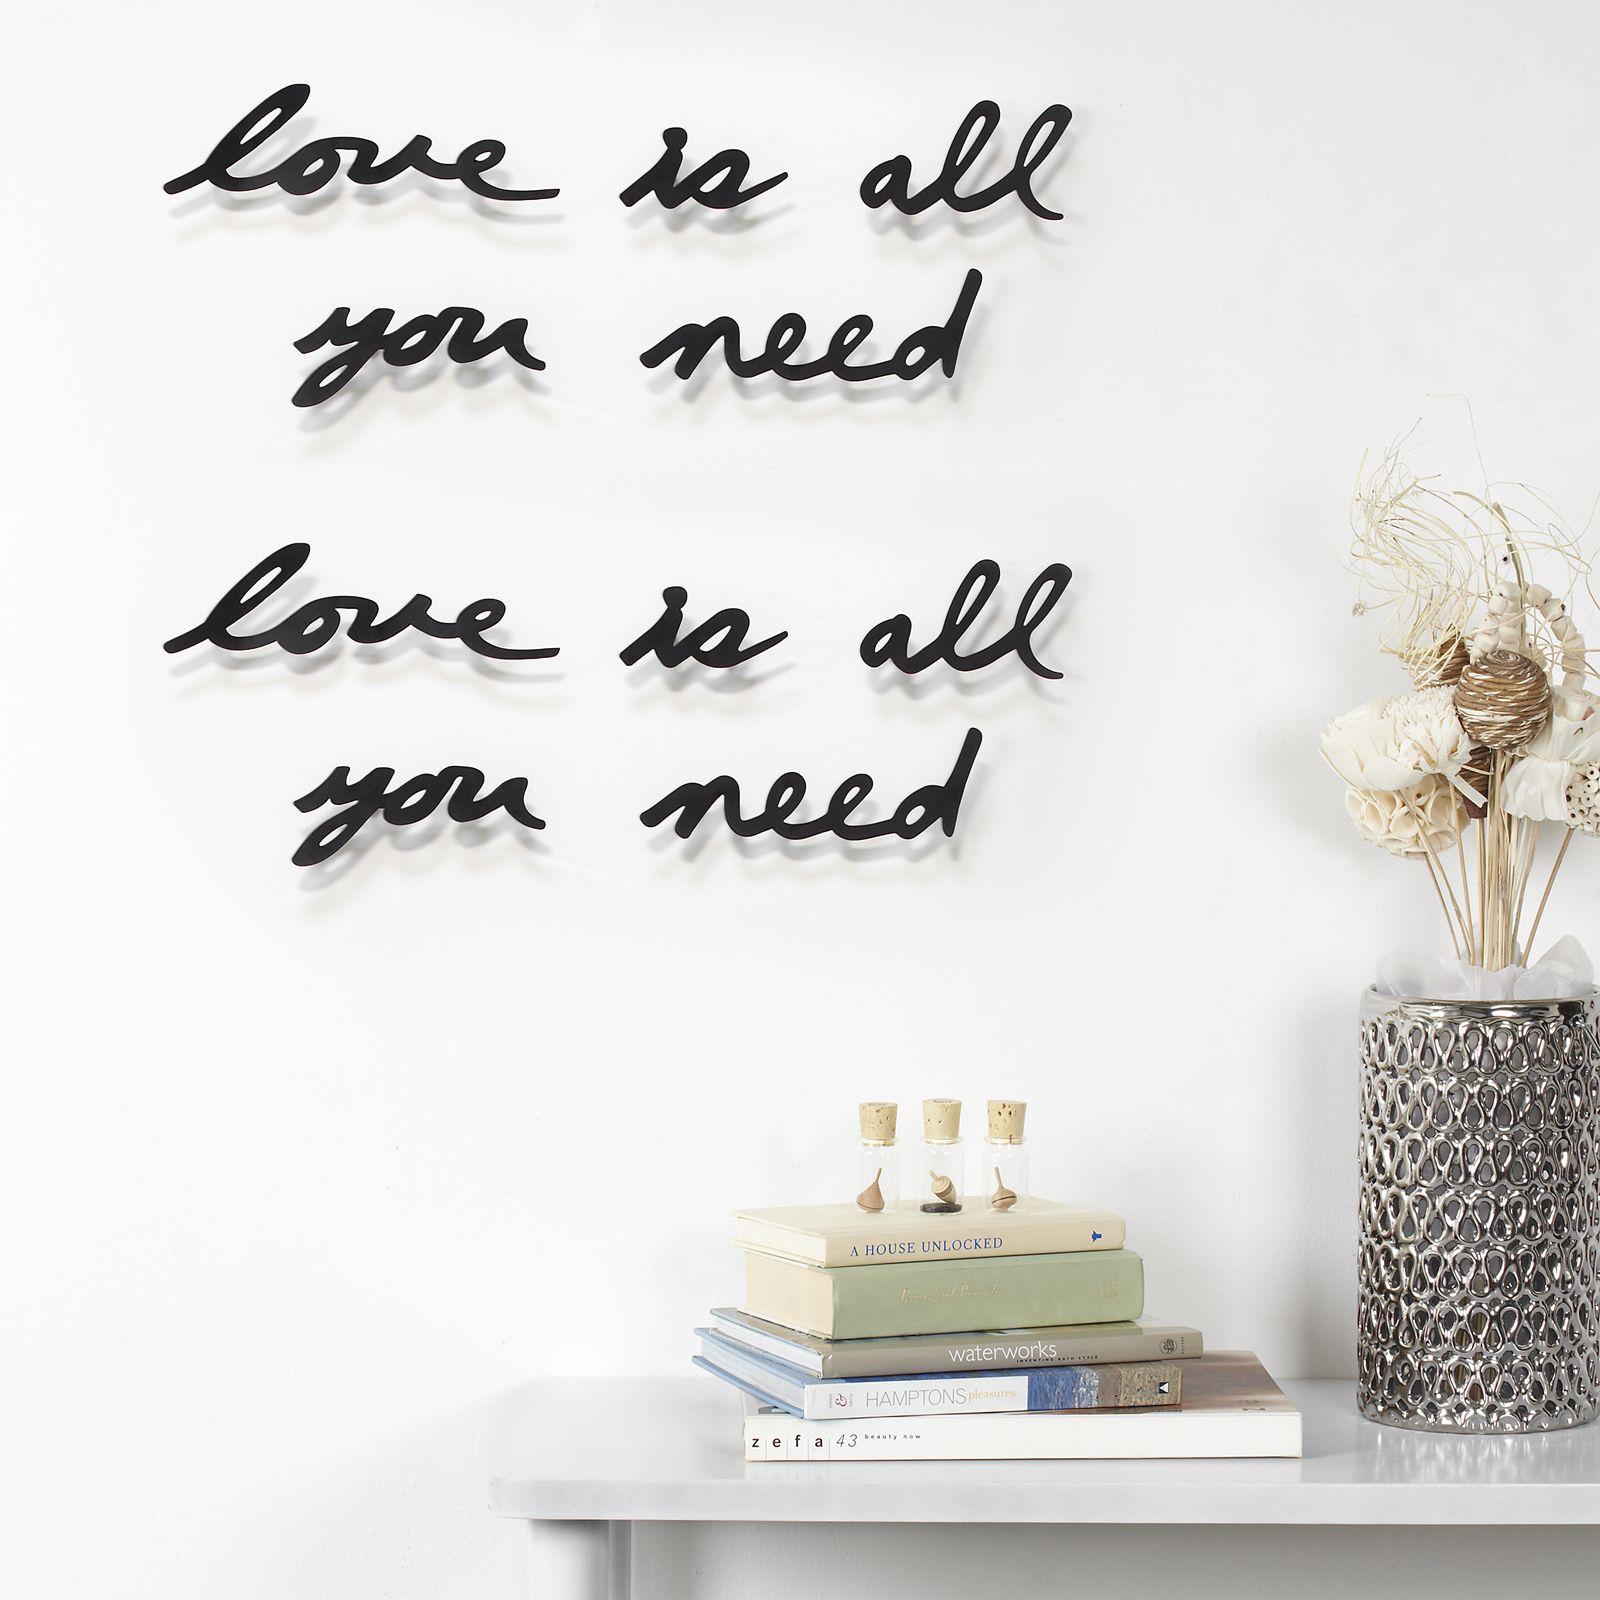 Umbra Mantra Love Is All You Need Wanddecoratie Woonaccessoires Decoratie Ideeën Muur